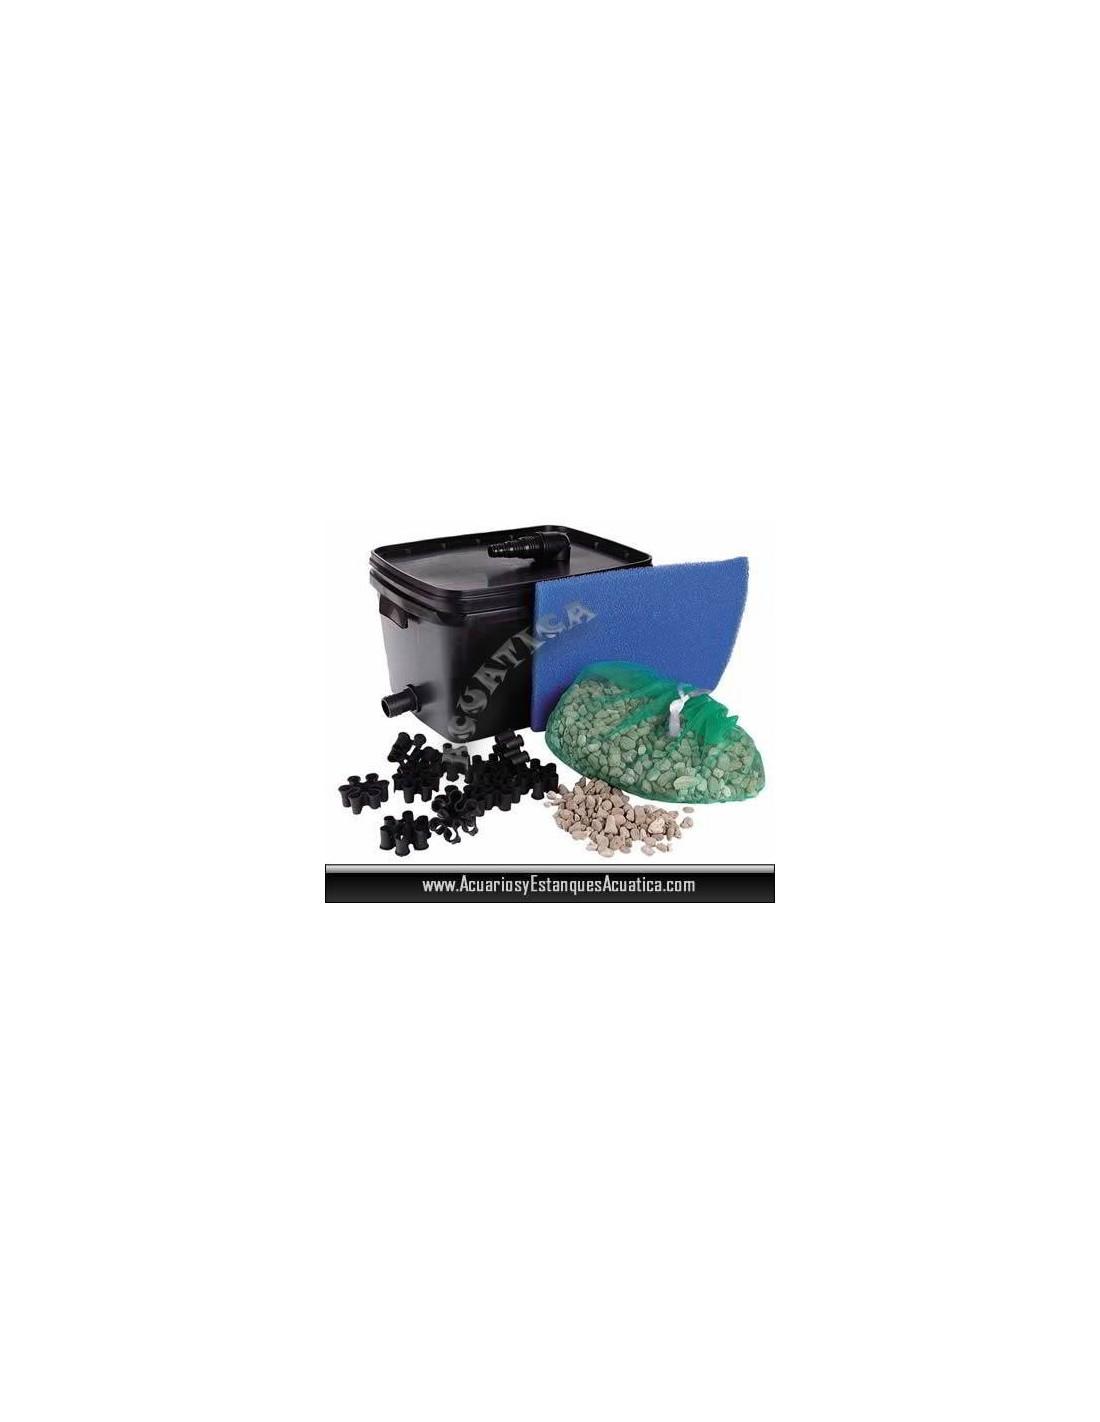 Ubbink filtrapure 2000 filtro estanques for Estanque prefabricado barato